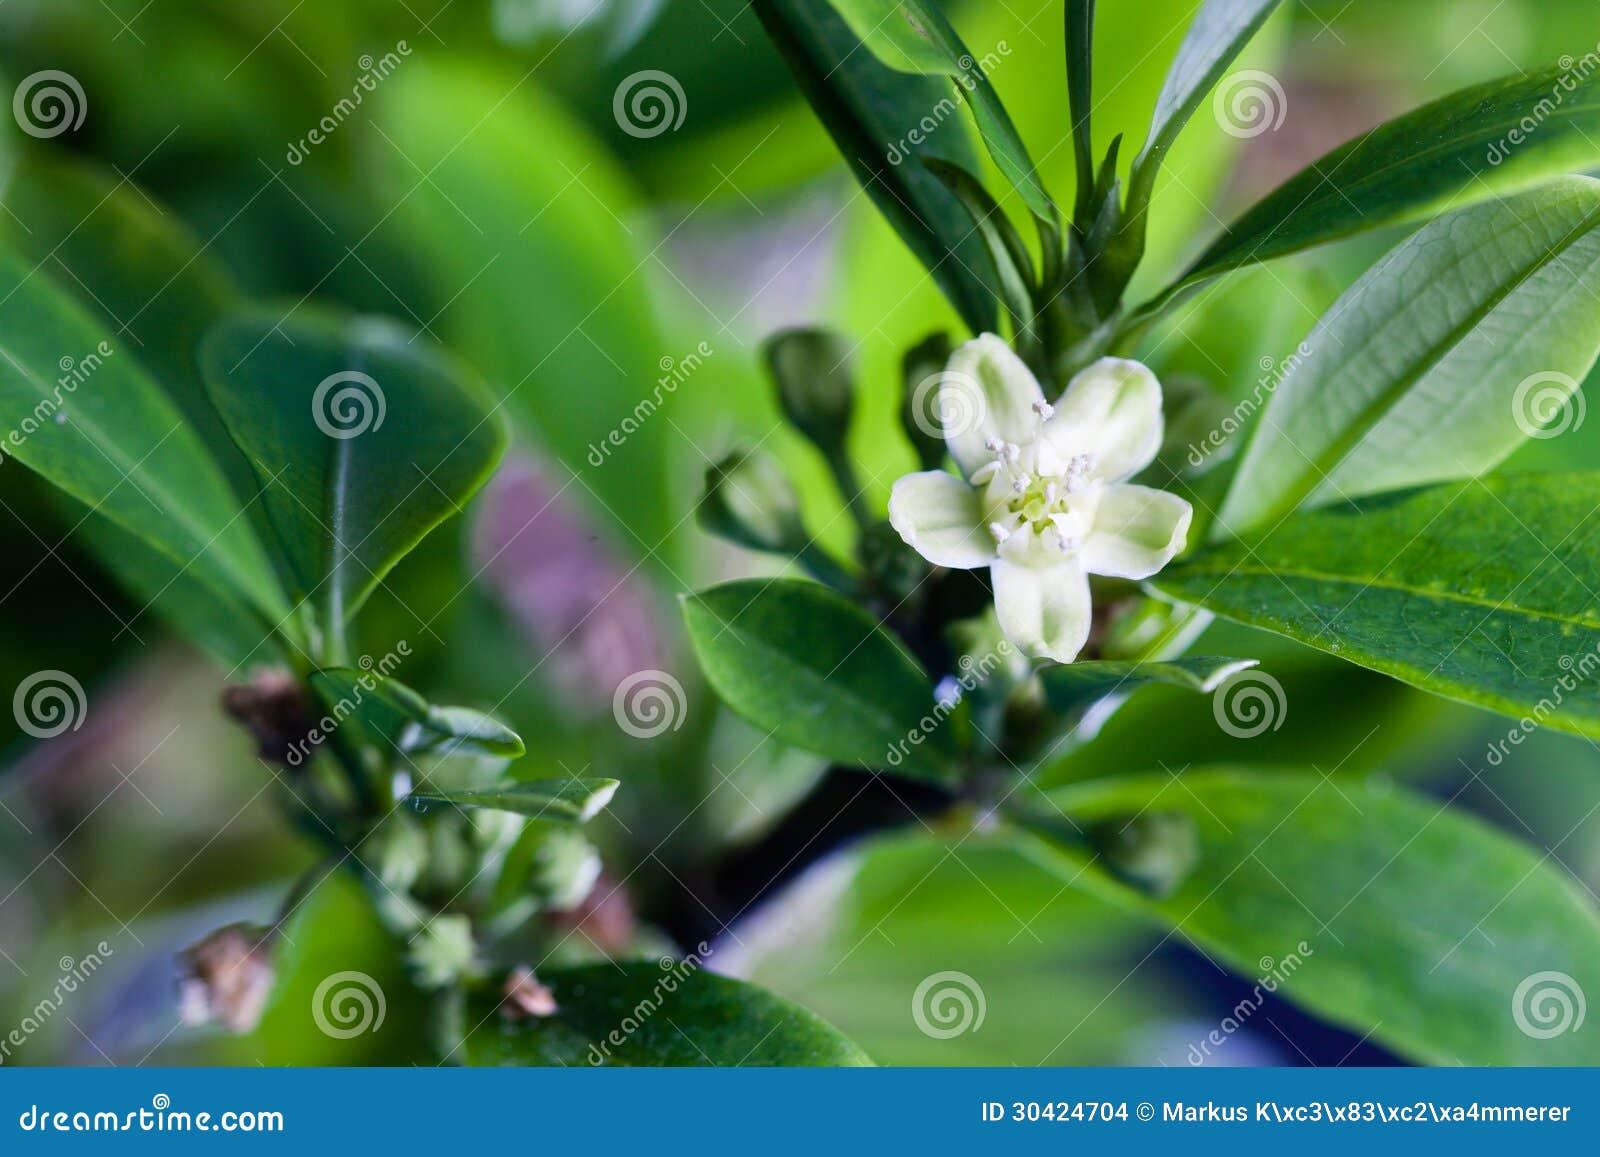 Fiore della pianta della coca